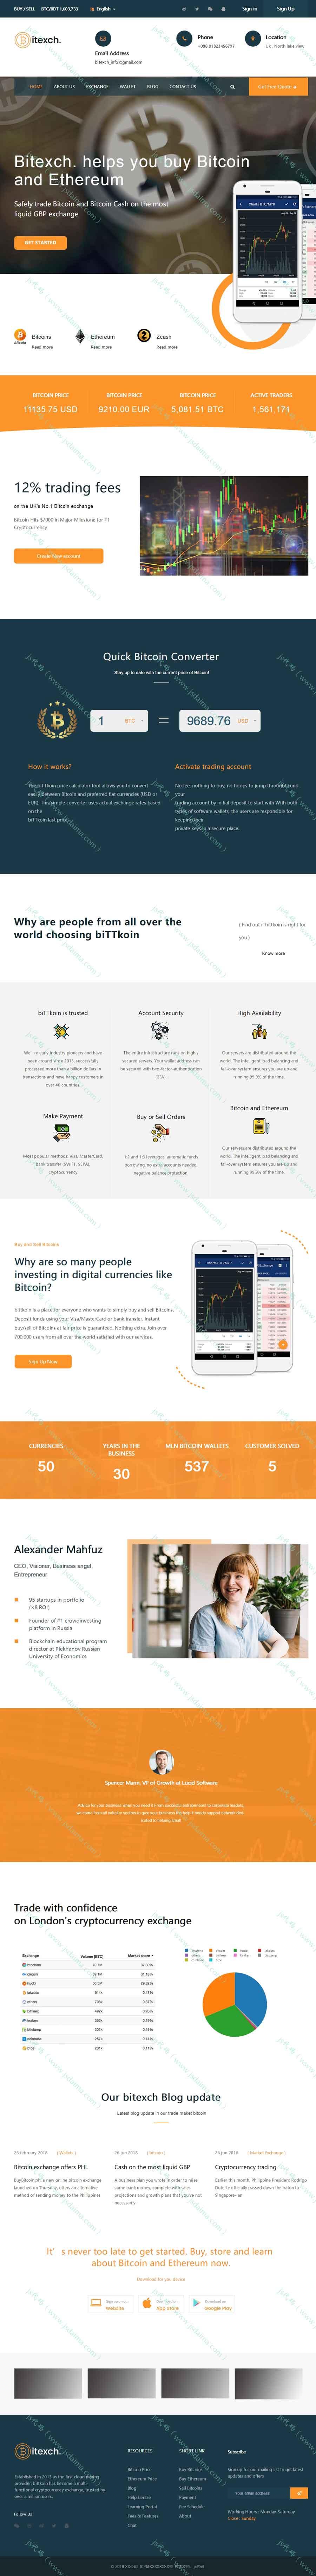 比特币虚拟货币类公司HTML5响应式企业网站模板